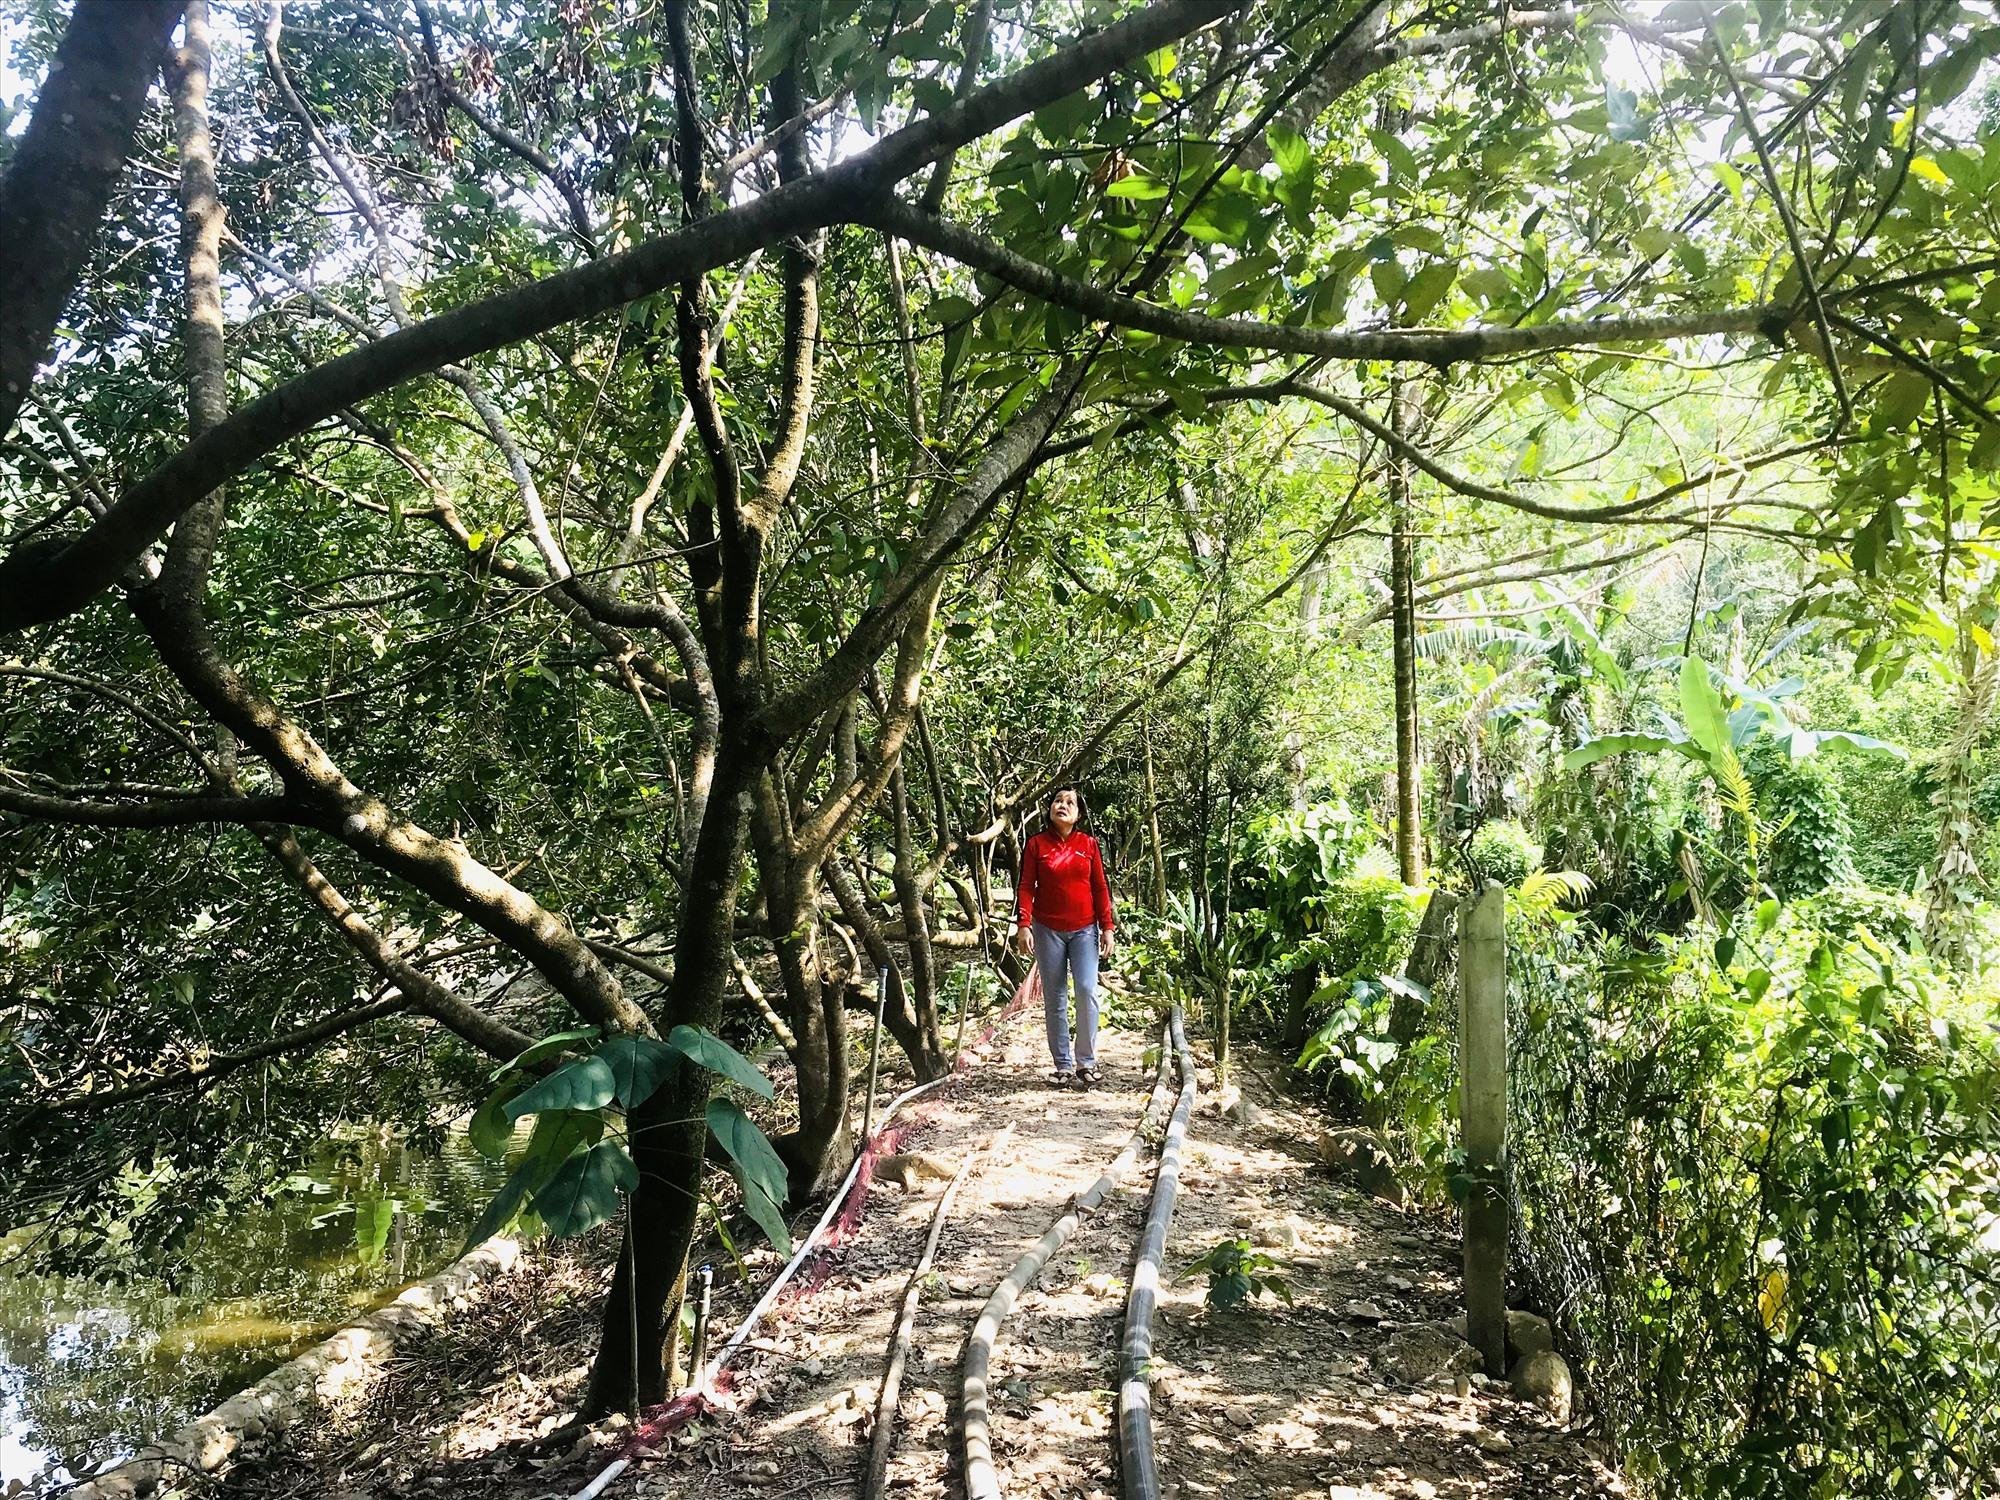 Một nhà vườn ở xã Tam Mỹ Tây (huyện Núi Thành) thường xuyên thu hút khách tham quan. Ảnh: Q.T